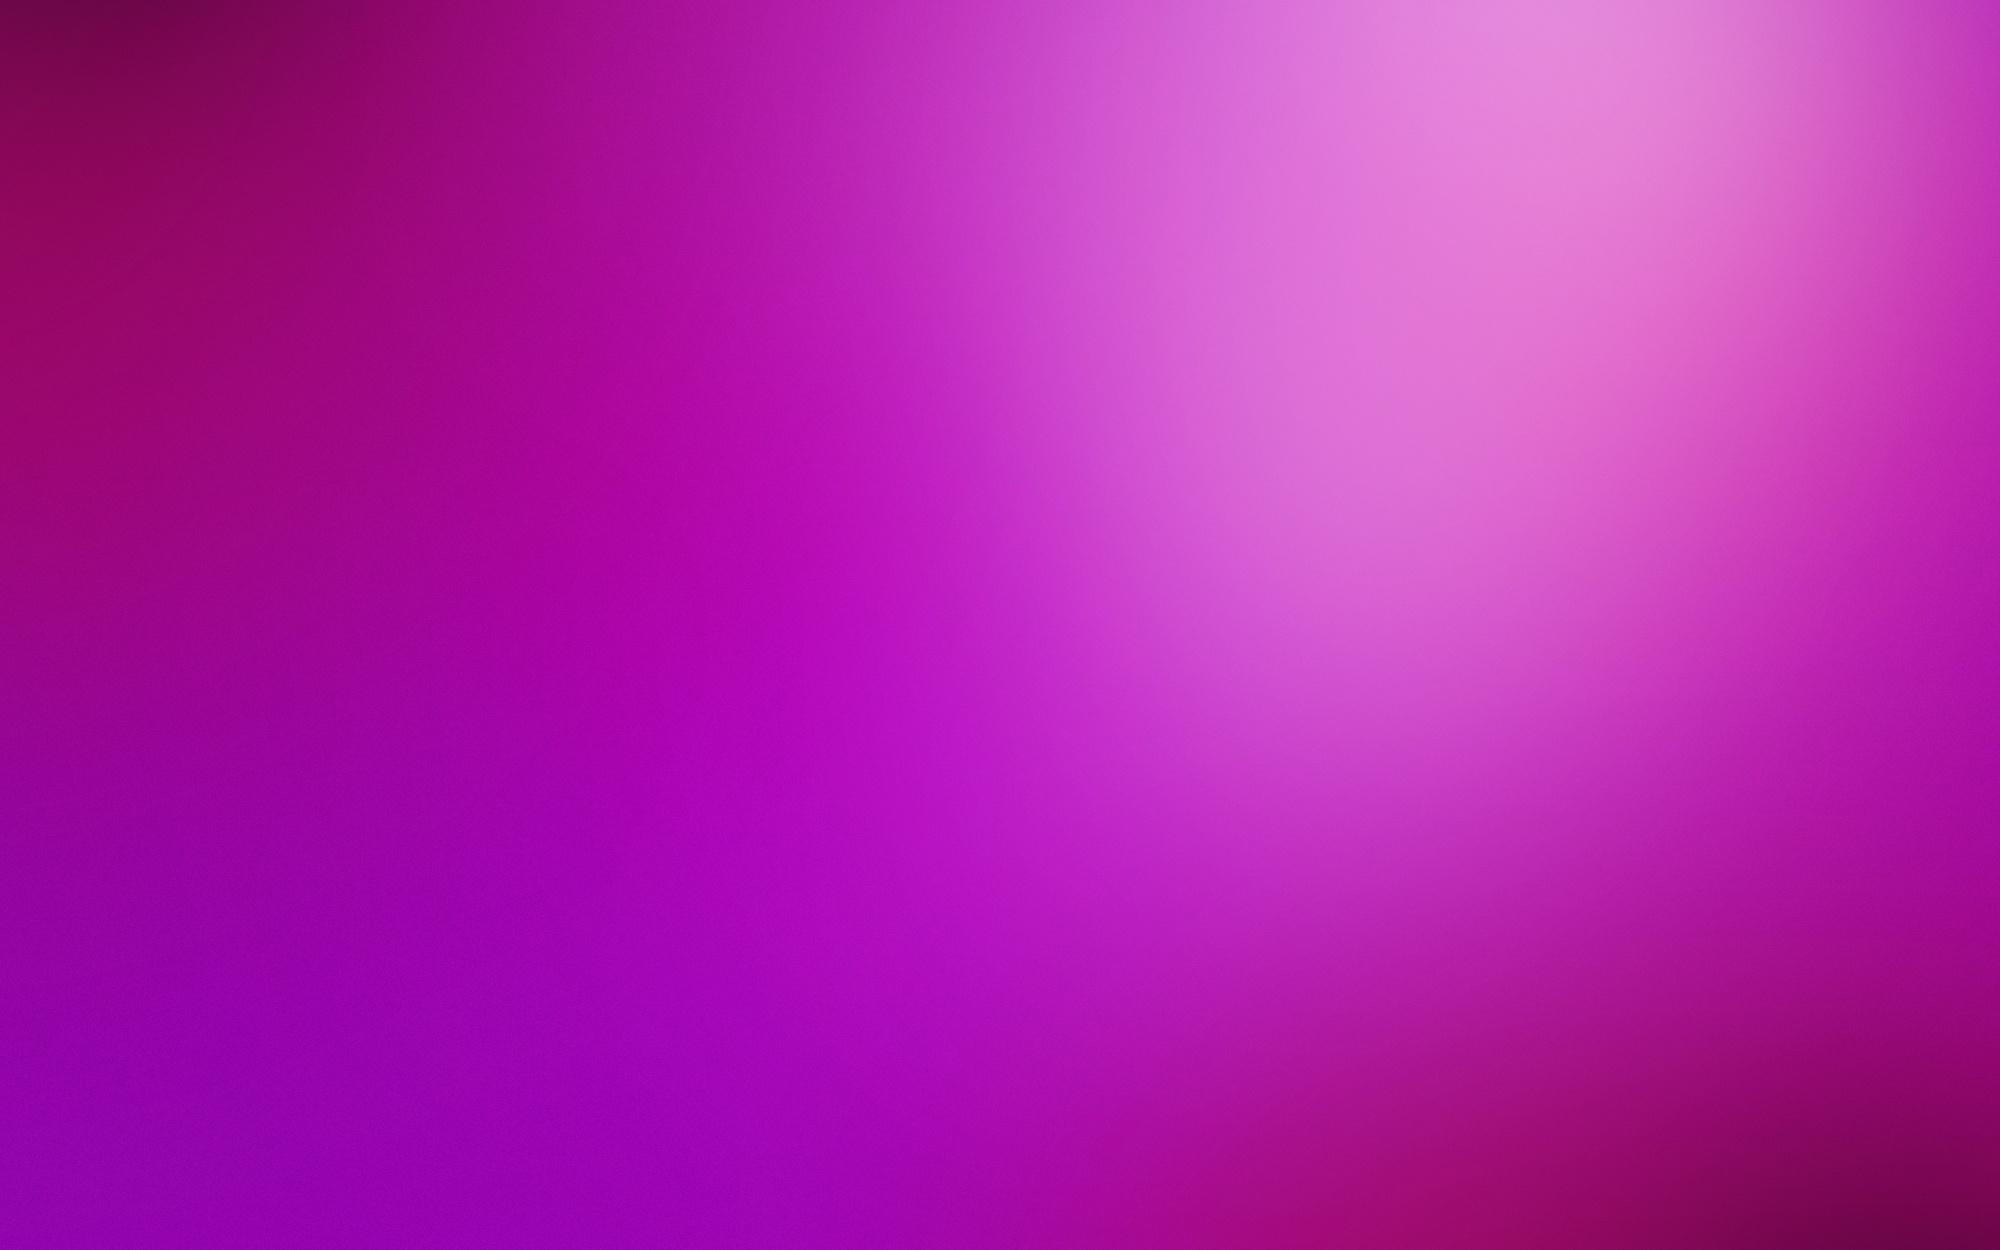 цвет любой картинки нашем каталоге